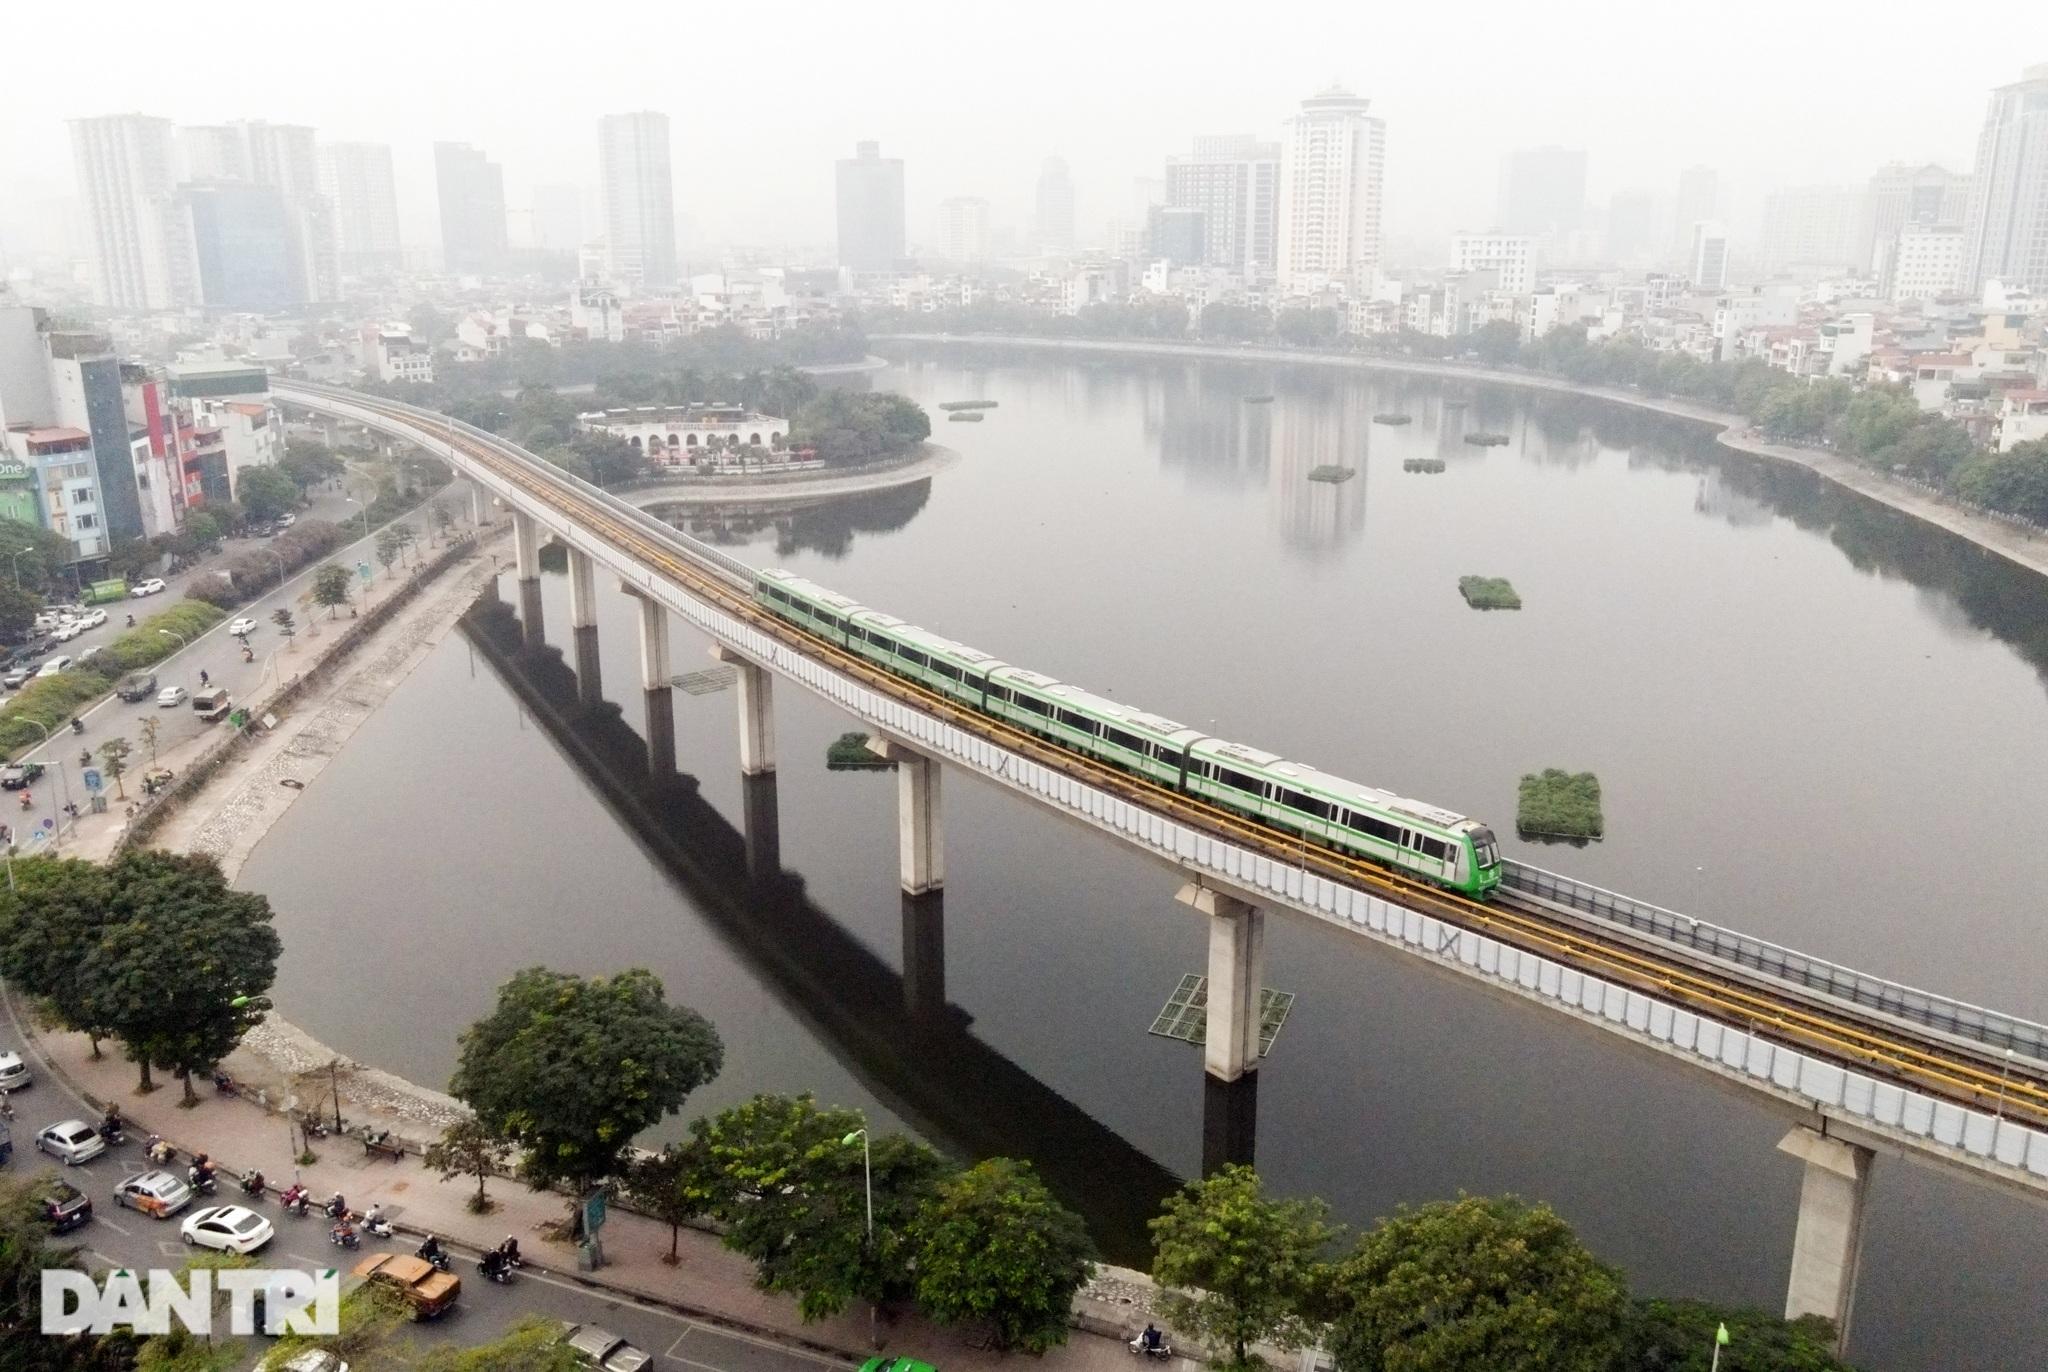 Toàn cảnh 9 đoàn tàu đường sắt Cát Linh - Hà Đông băng băng qua các nhà ga - 18